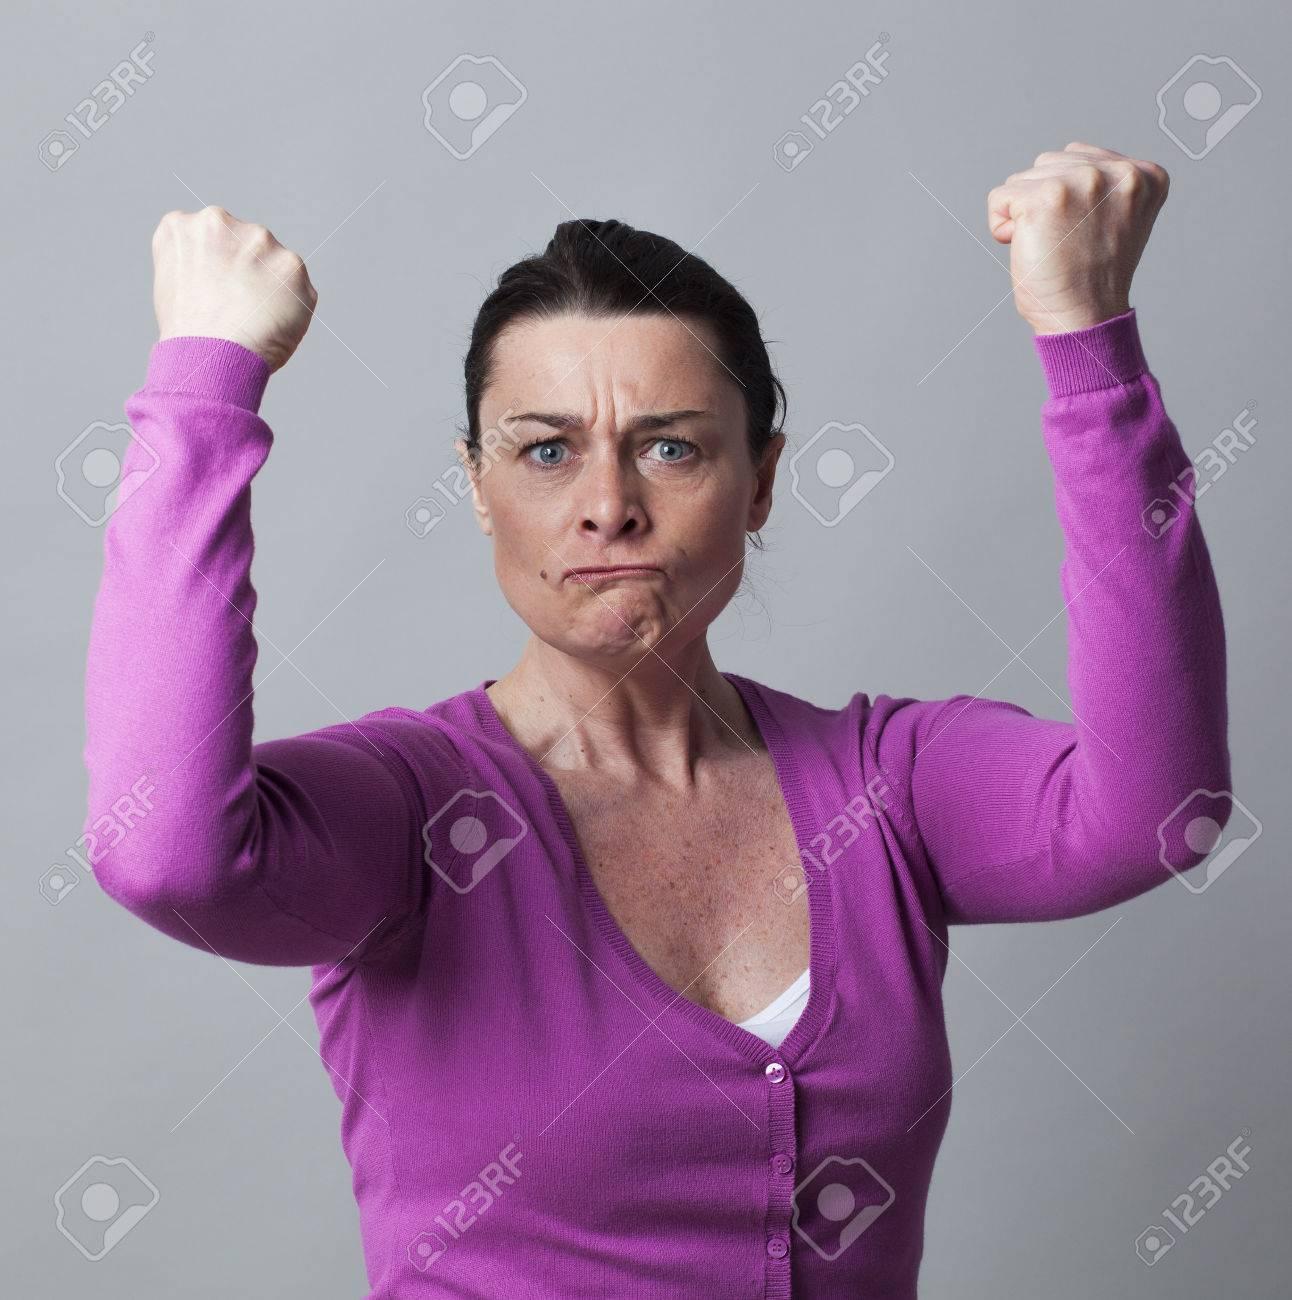 Muskel-Konzept - Wütend 40s Frau Mit Den Armen Gestikulierte Hob ...